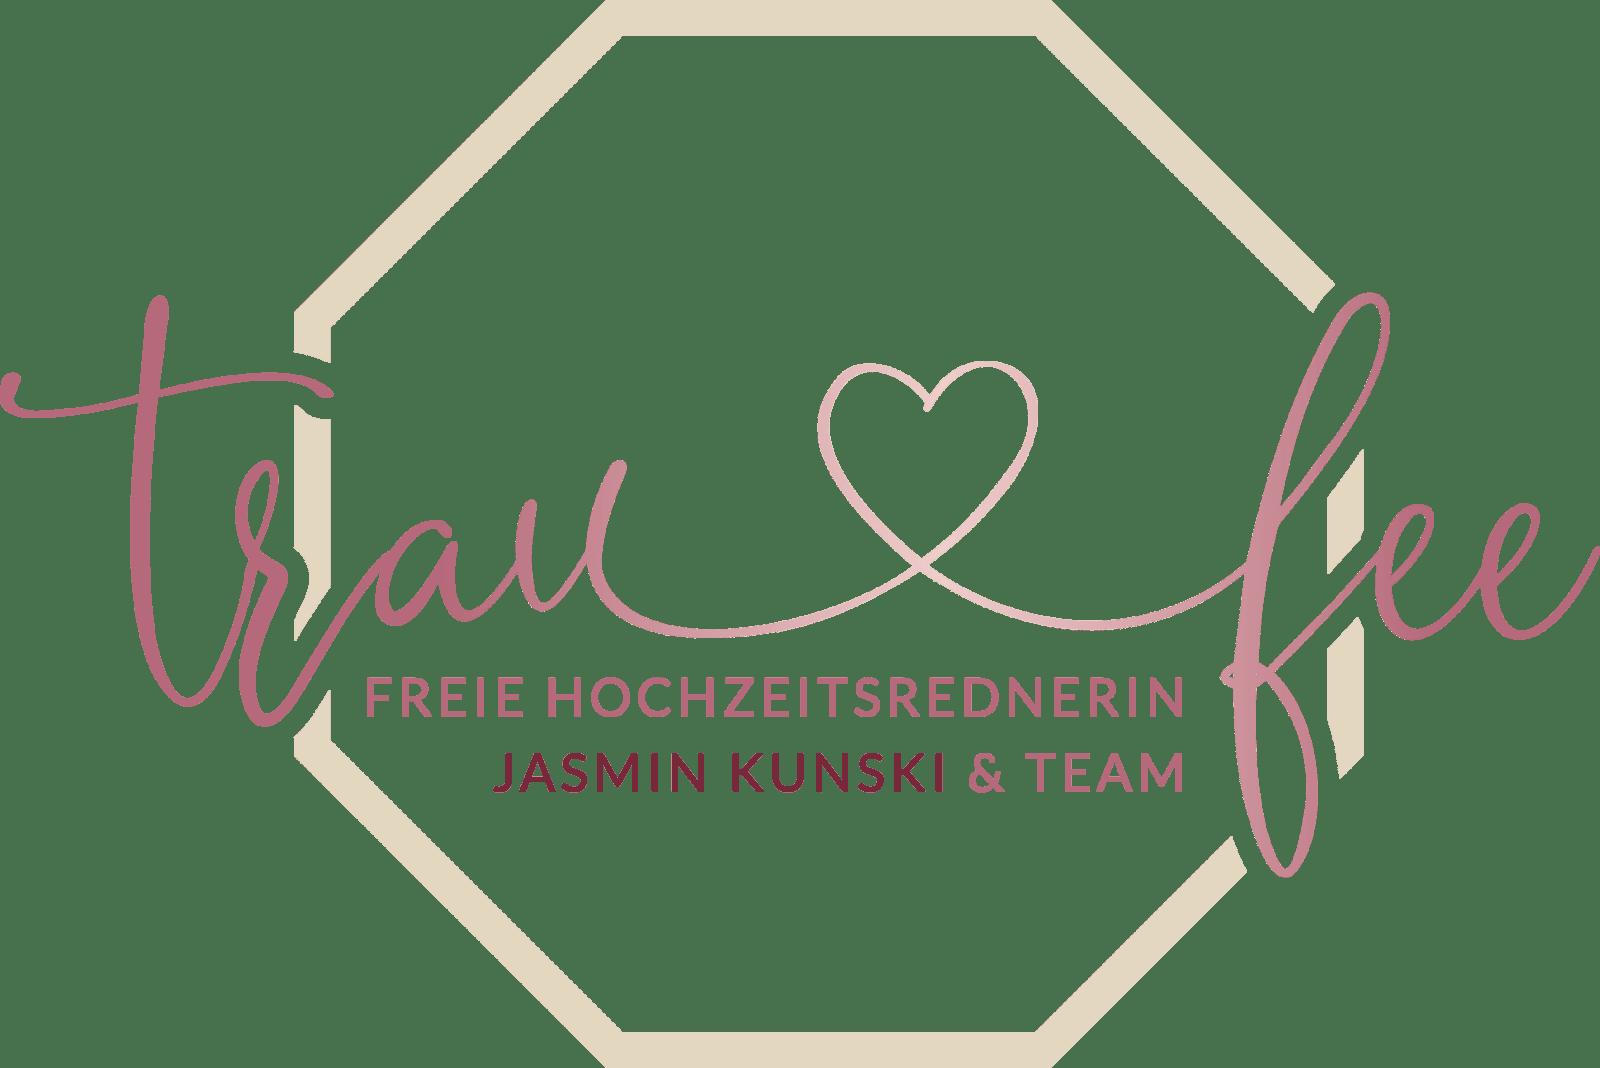 Traufee - Freie Trauung in NRW